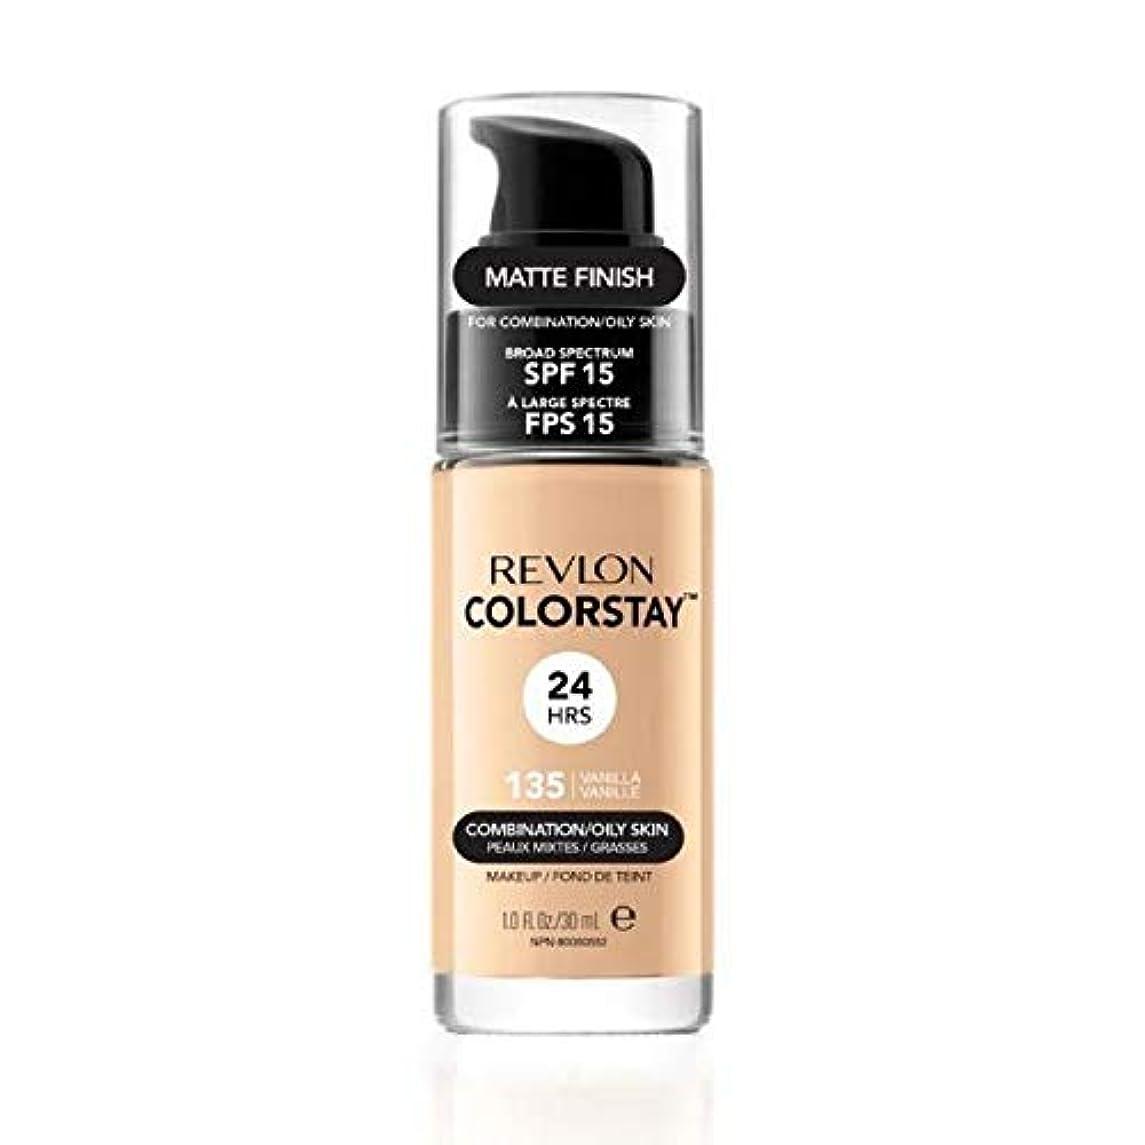 再現するシャワーパパ[Revlon ] レブロンColorstayの基盤コンビオイリー肌30ミリリットルバニラ - Revlon Colorstay Foundation Combi Oily skin 30ml Vanilla [並行輸入品]